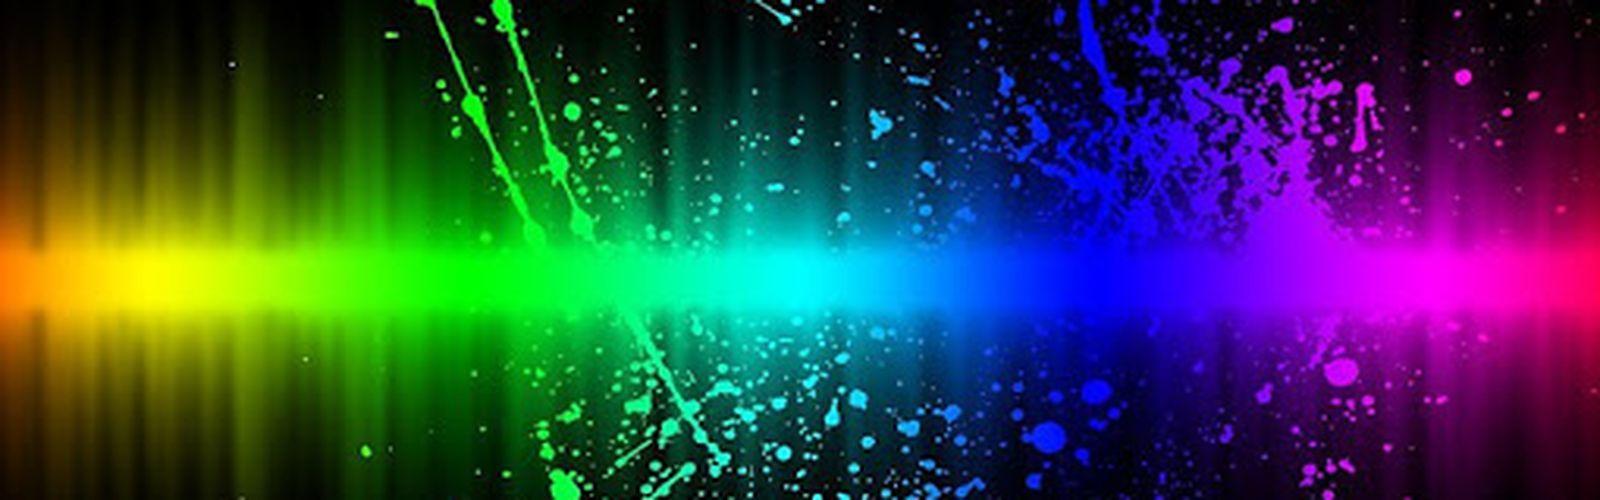 Kolorowa grafika - rozpryskująca się woda.